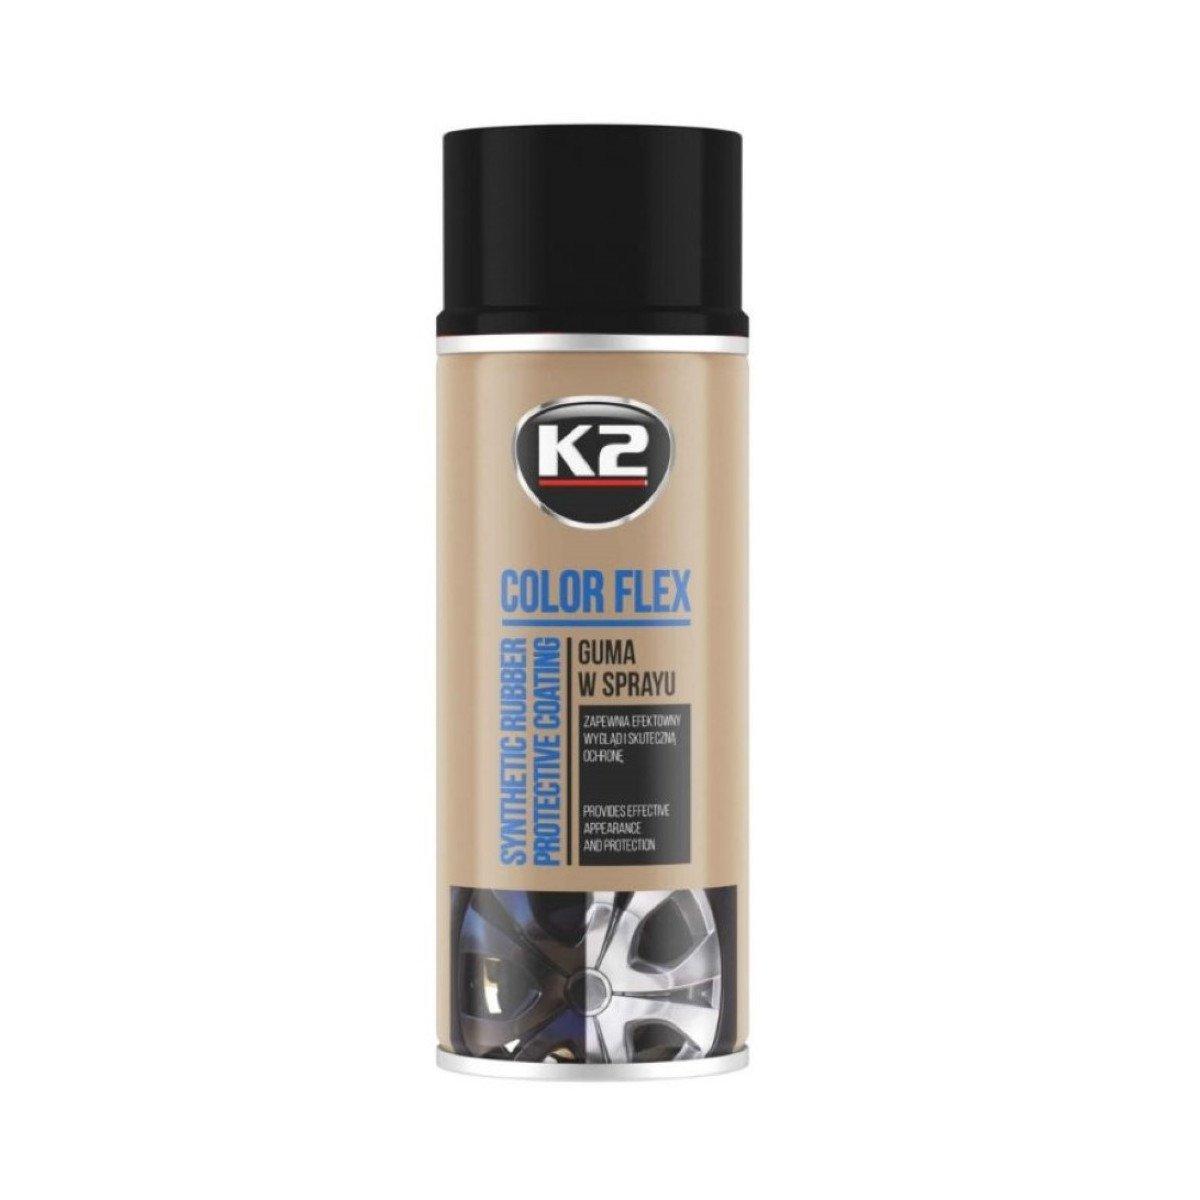 K2 Pro Color Flex Guma W Sprayu Kolor Czarny Mat 400ml Autokosmetyki Autochemia Pl